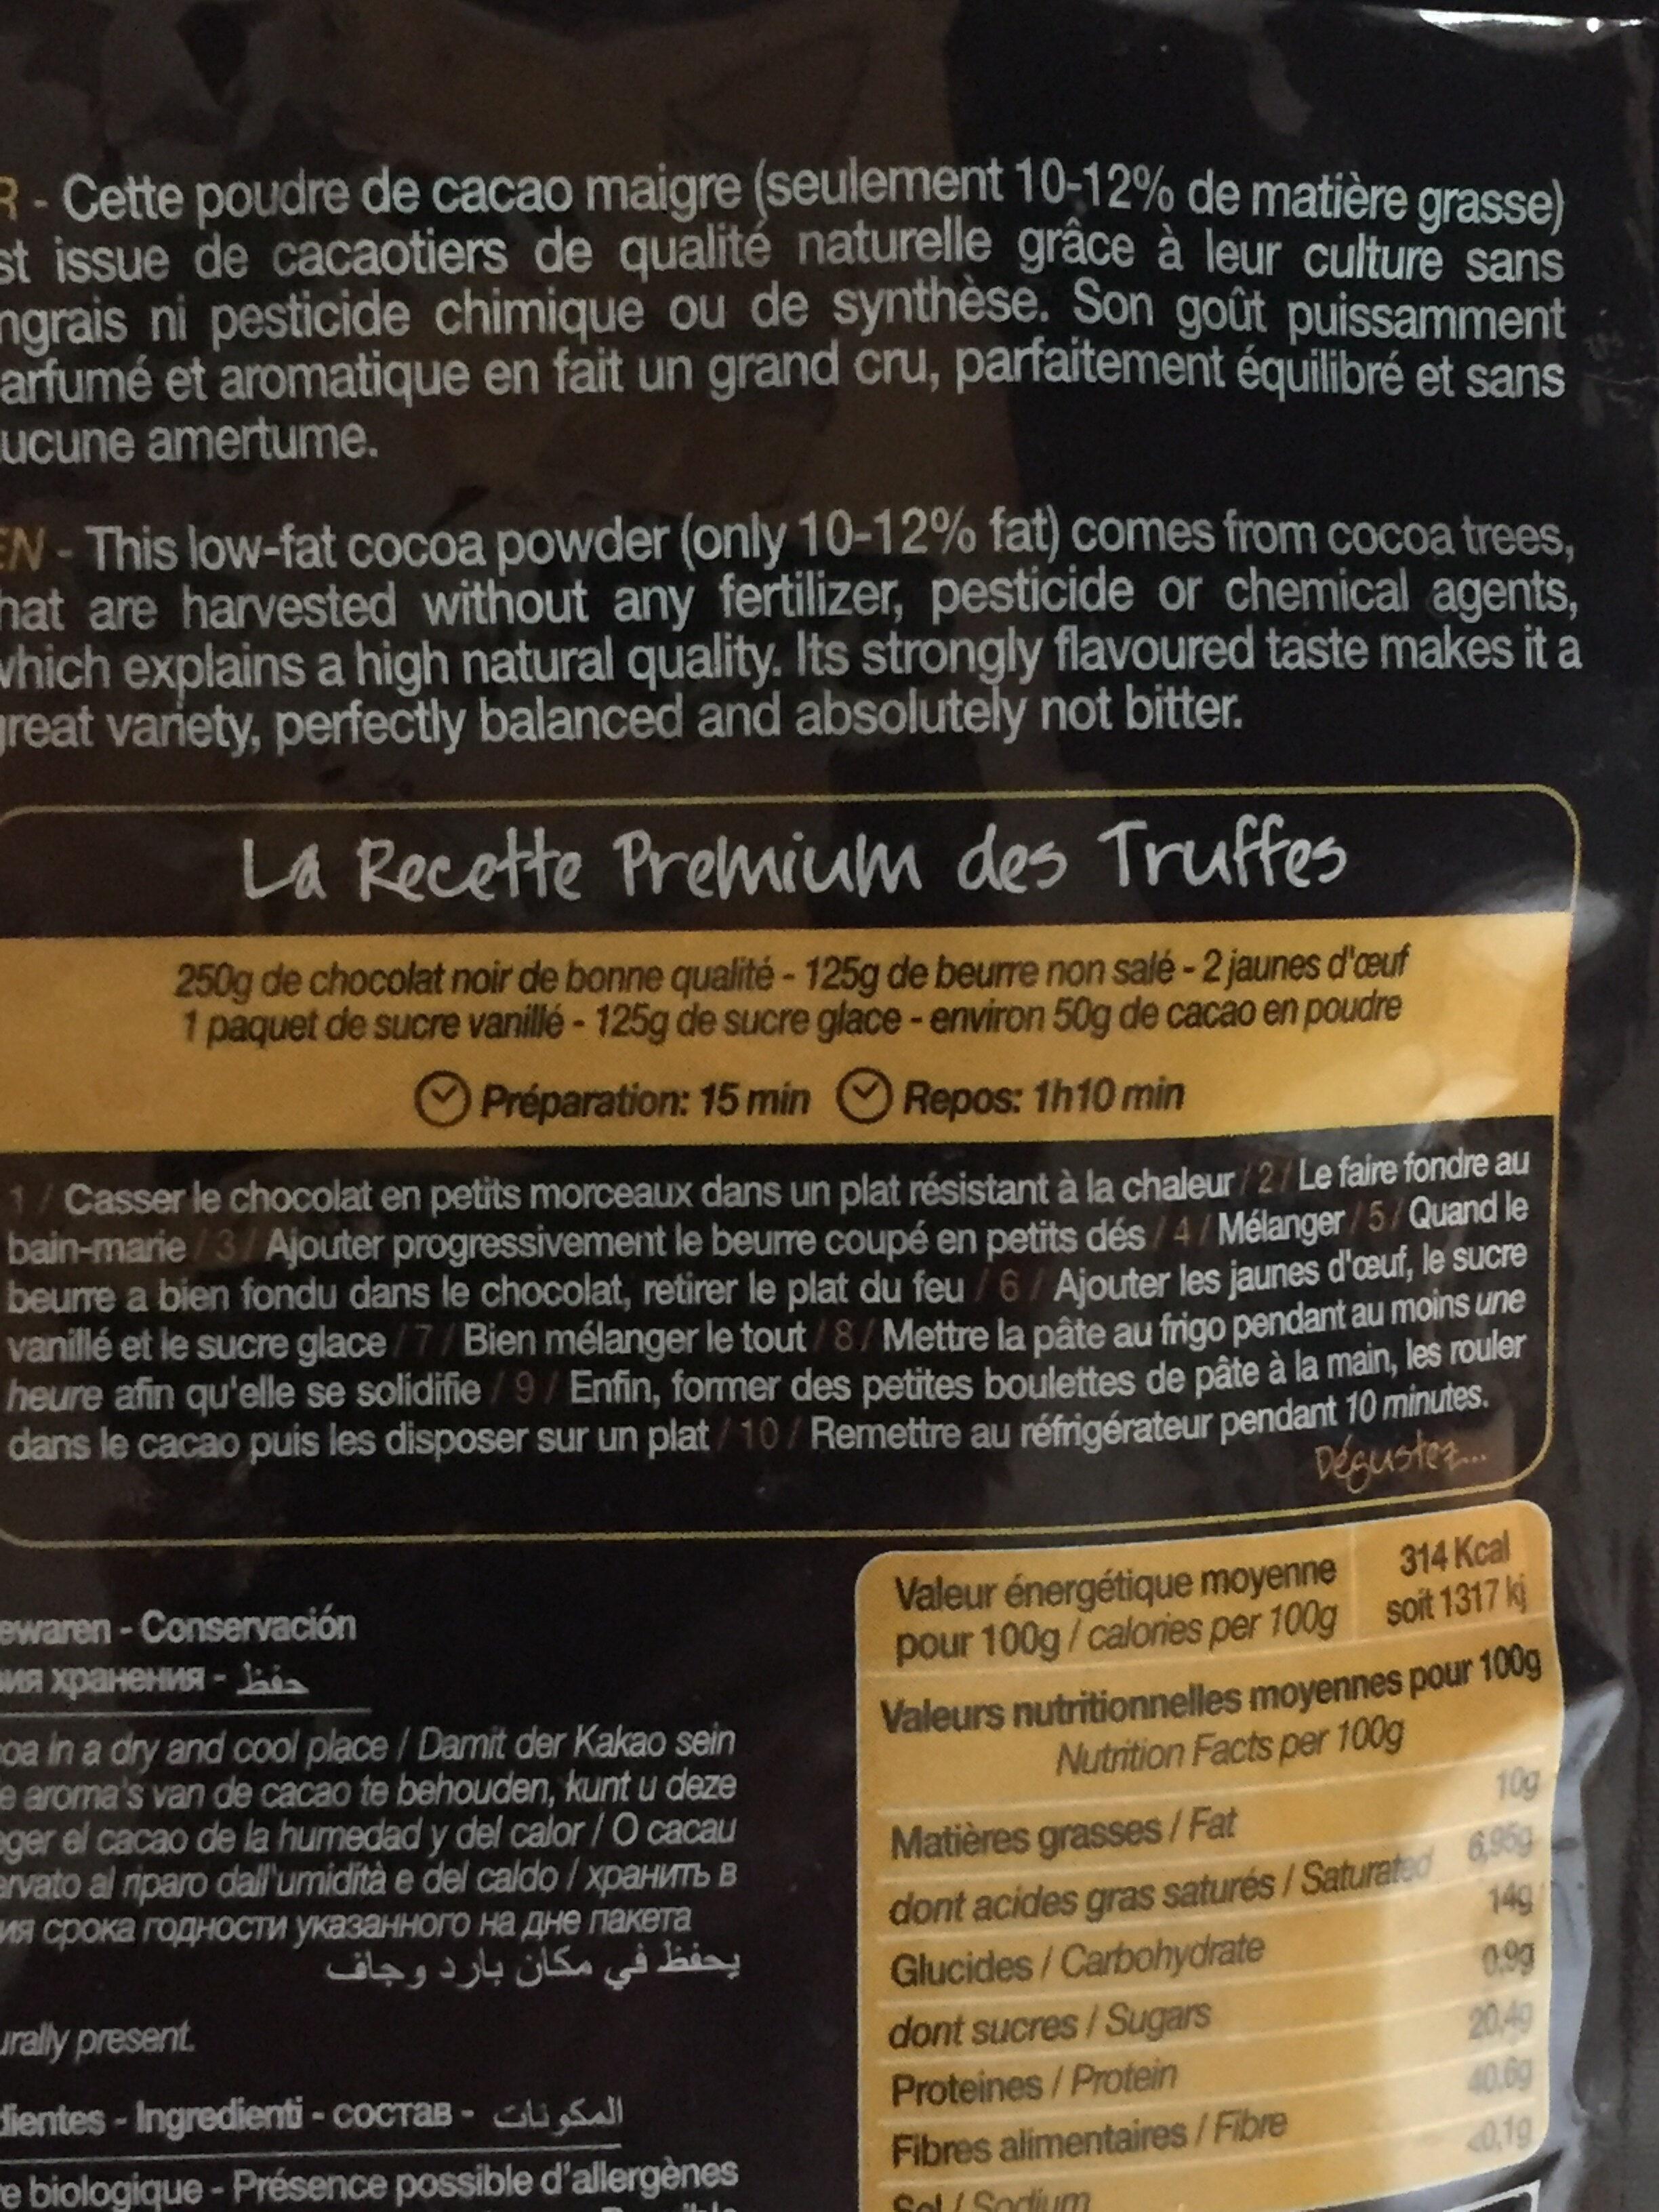 Poudre 100% cacao maigre - Informação nutricional - fr